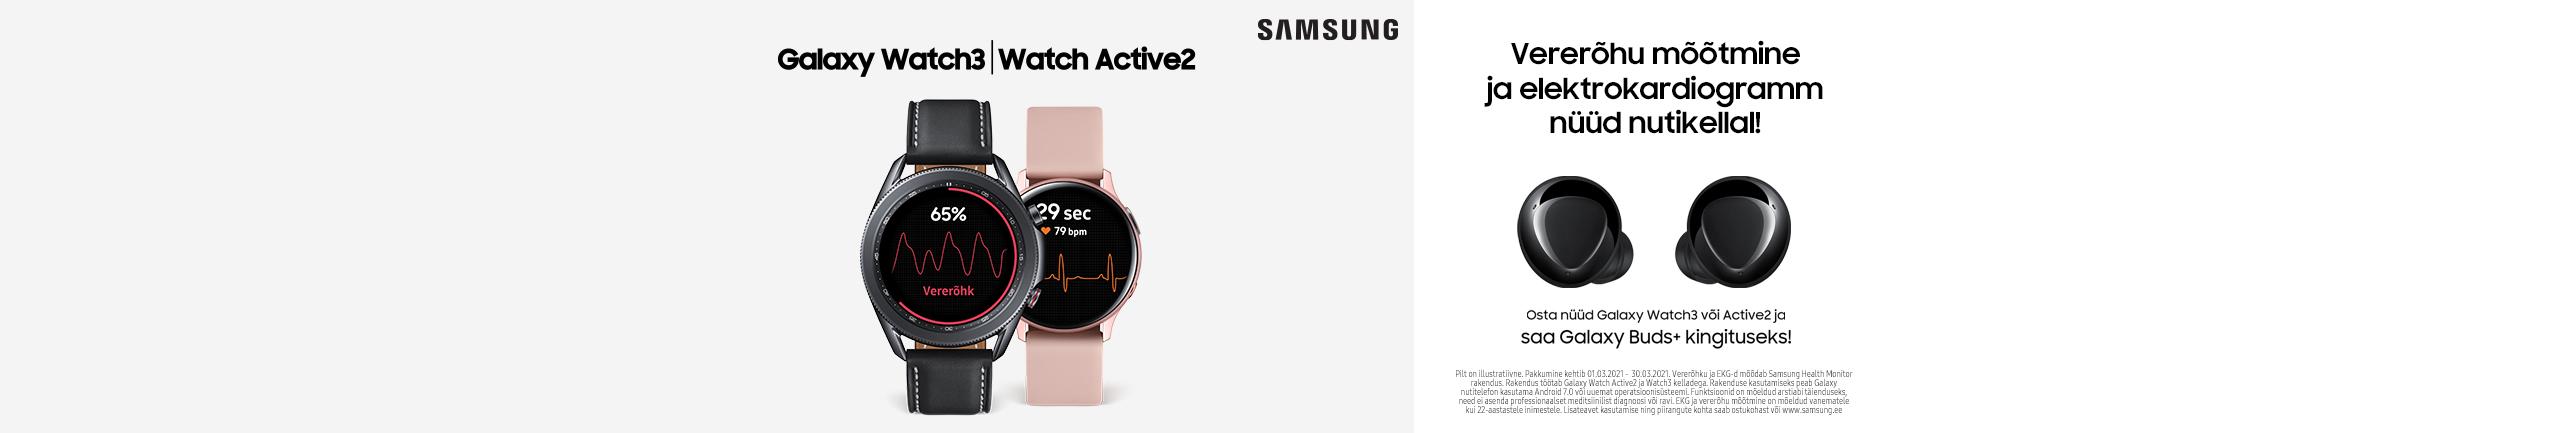 Osta nüüd Galaxy Watch 3 või Active 2 ja saa Galaxy Buds+ kingituseks!